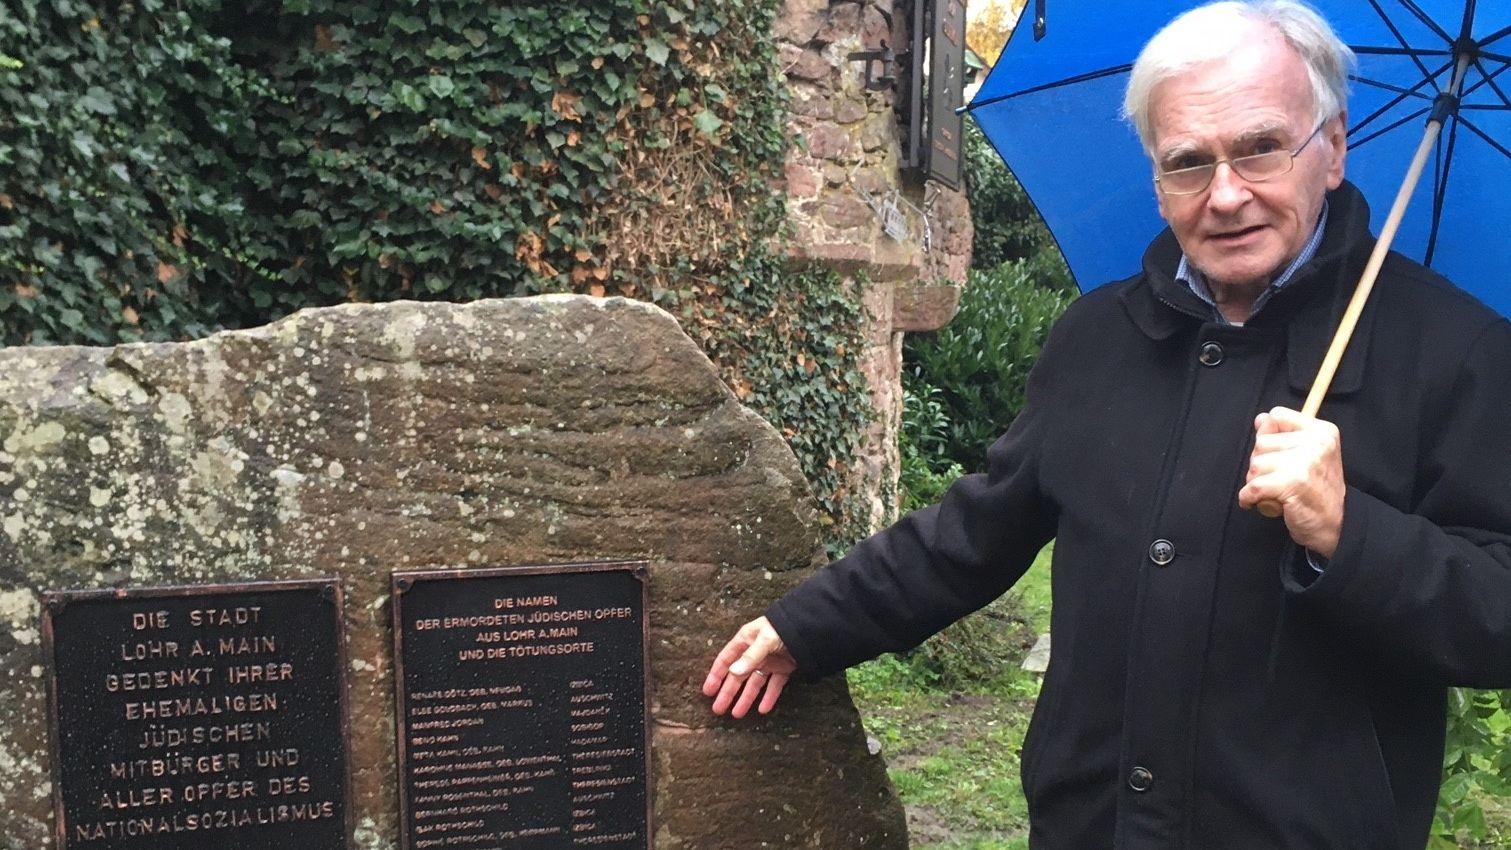 Wolfgang Vorwerk vom Geschichtsverein Lohr steht neben einer neuen Gedenktafel, die an die Juden und Nazi-Opfer aus Lohr erinnert.